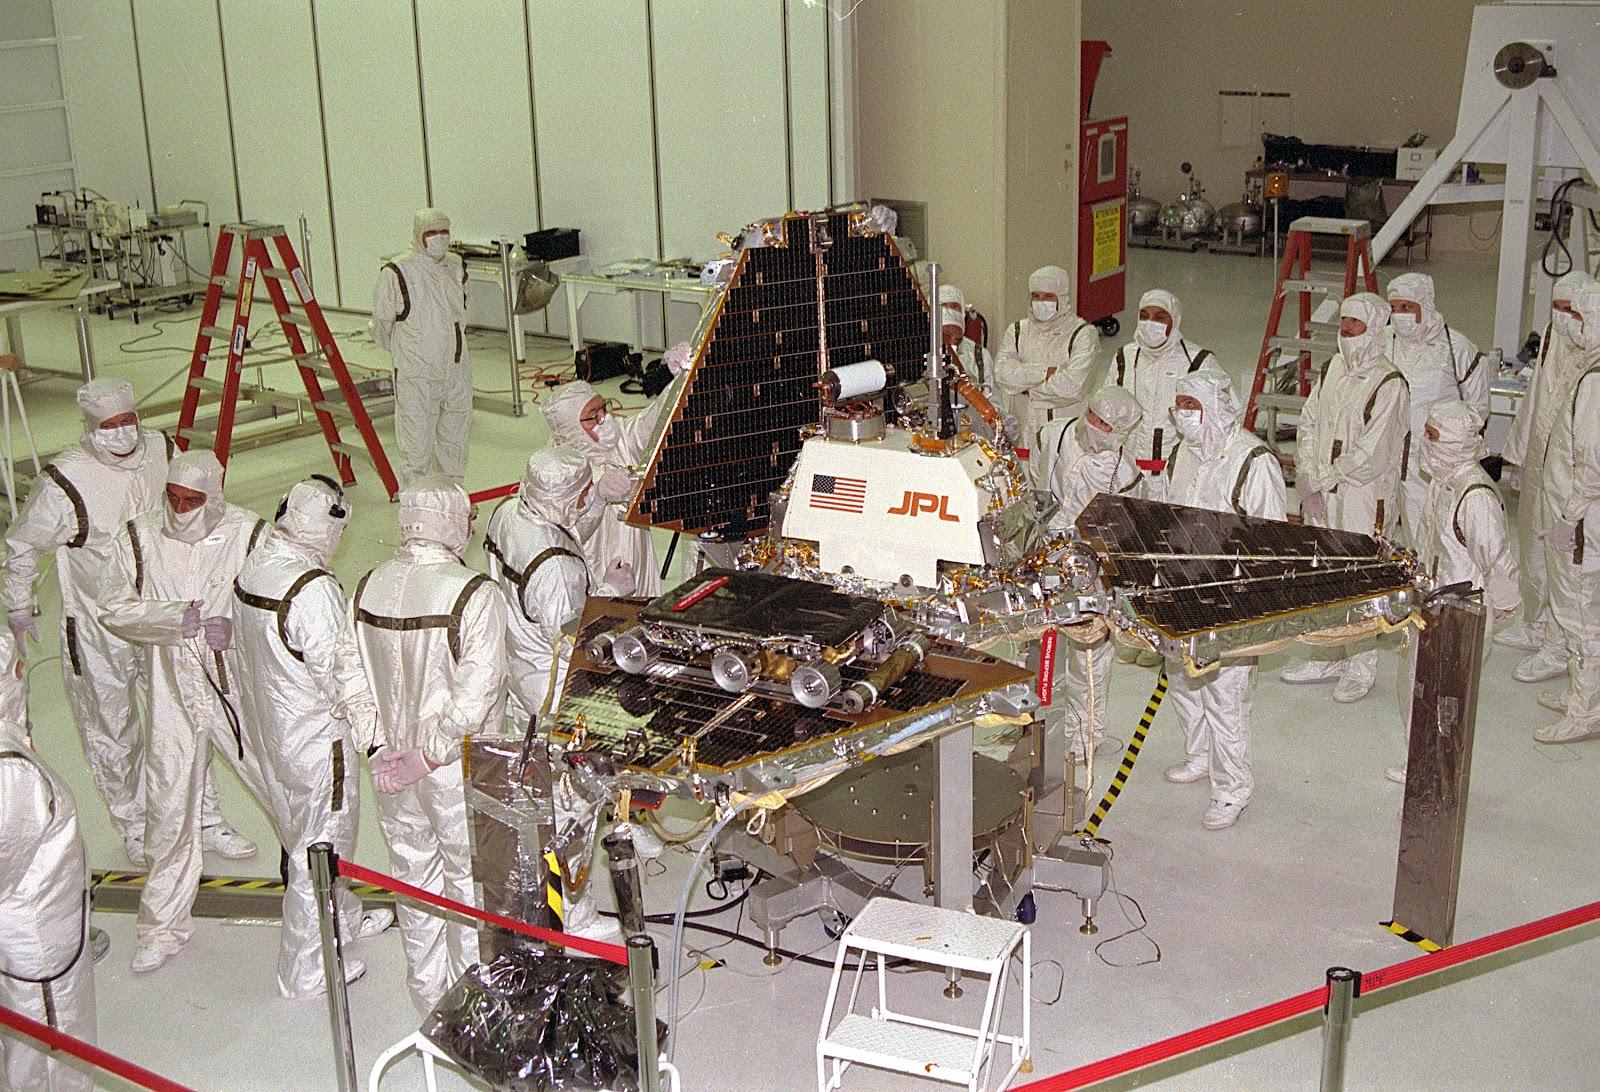 Mars_Pathfinder_Lander_preparations.jpg